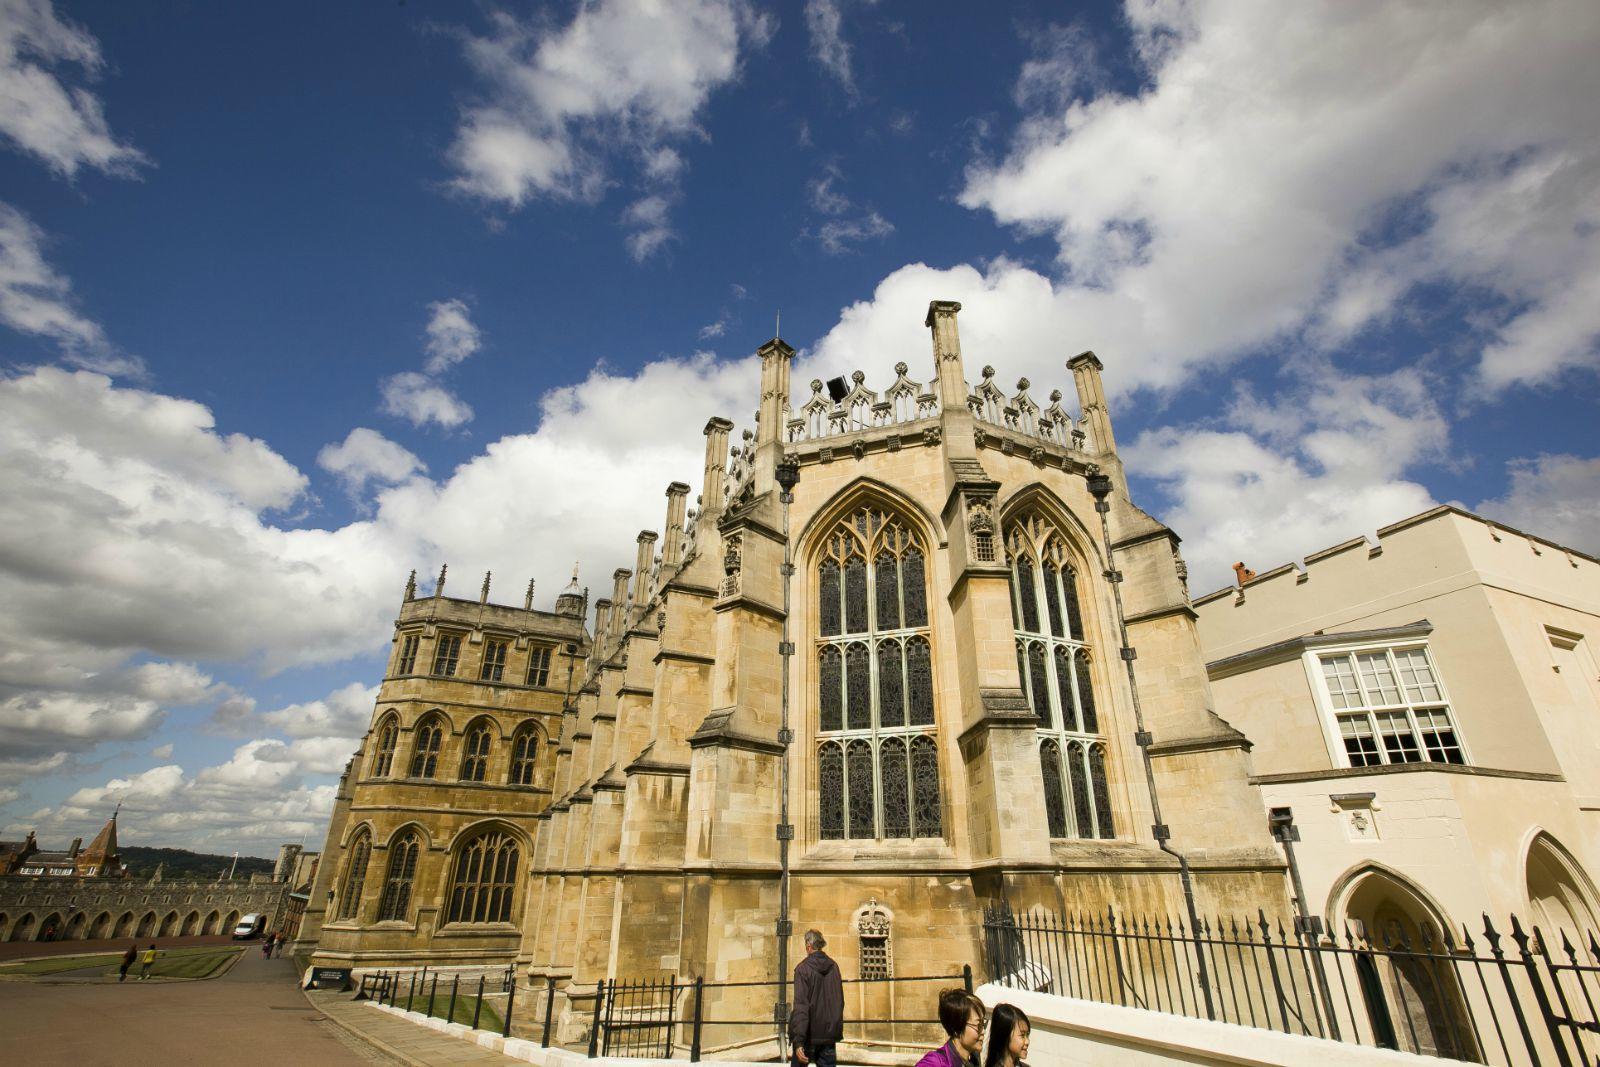 圣乔治教堂,英国最大的教堂之一。不让拍照,城堡和教堂内部让人心里不停惊叹着这国家过分富有了,20镑的门票过分便宜!这可能是全英国最奢华的宫殿,据说即便是白金汉宫也差远了。如果是八月来伦敦,那时候女王在温莎避暑,就开白金汉宫不开温莎城堡了。